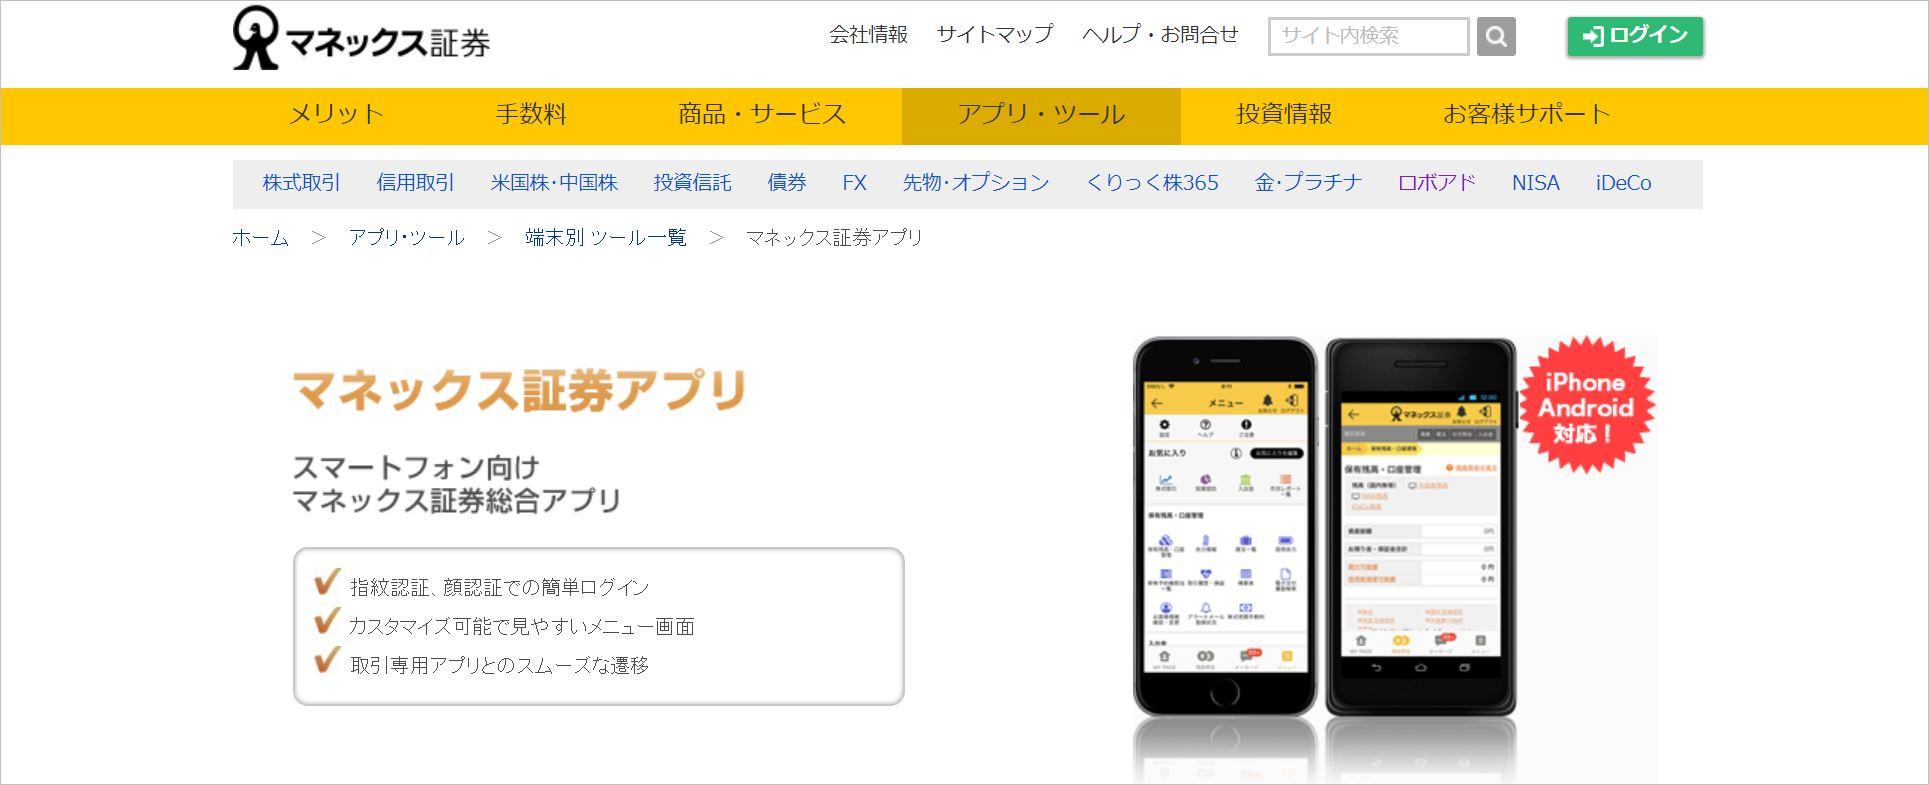 マネックス証券アプリのトップ画面